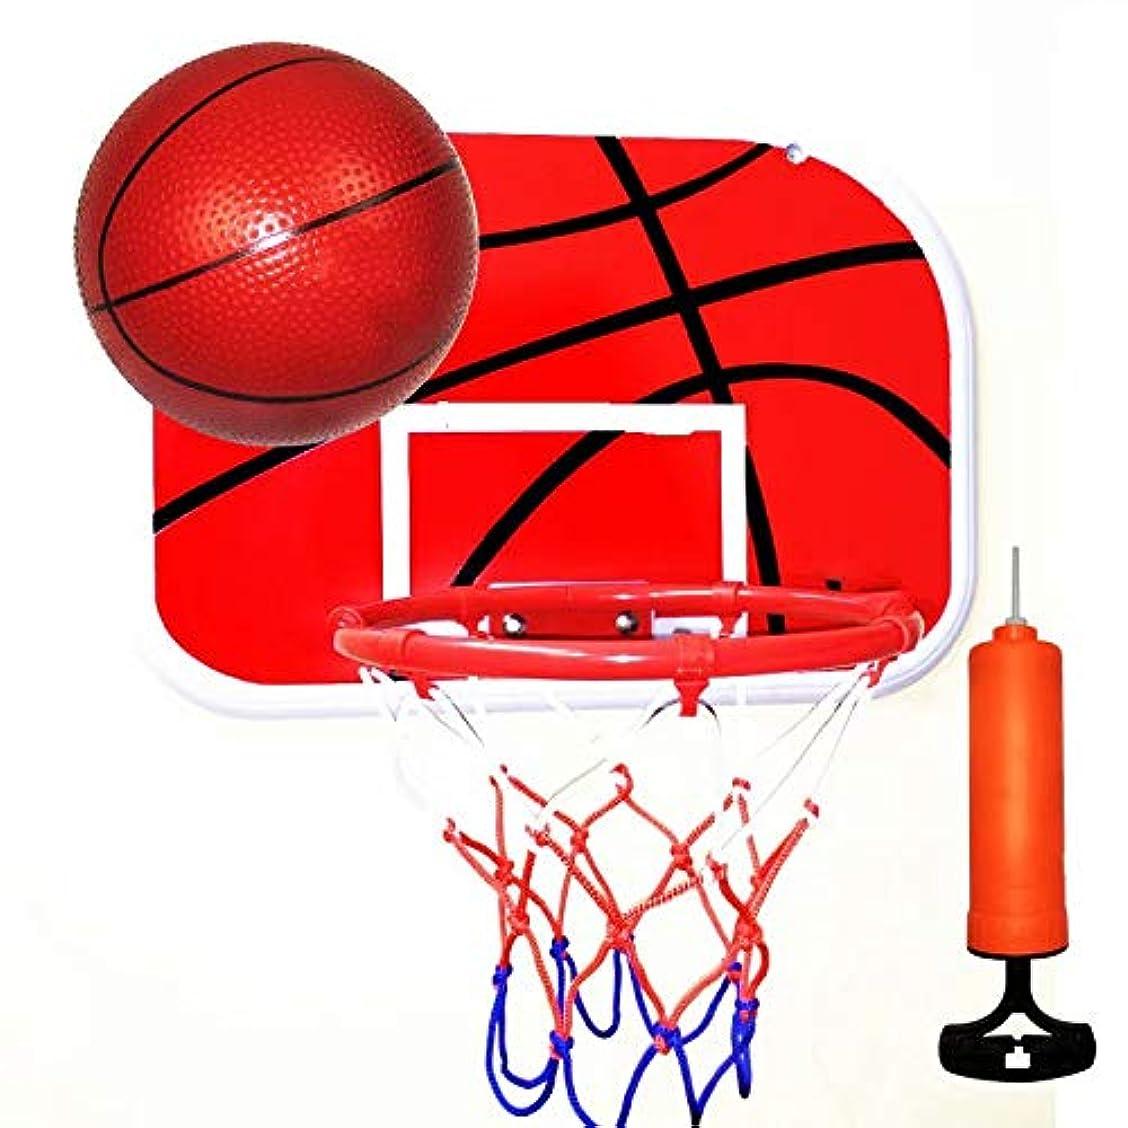 ましい熟練したバインドXiZiMi バスケットボールゴールフープグッズセット 屋内スポーツゲーム 屋内バスケットボールゲーム 子供用 ノンマーキングフックバスケットボールスタンド バスケットボールトレーニング練習用アクセサリー red 7.5*34*48cm